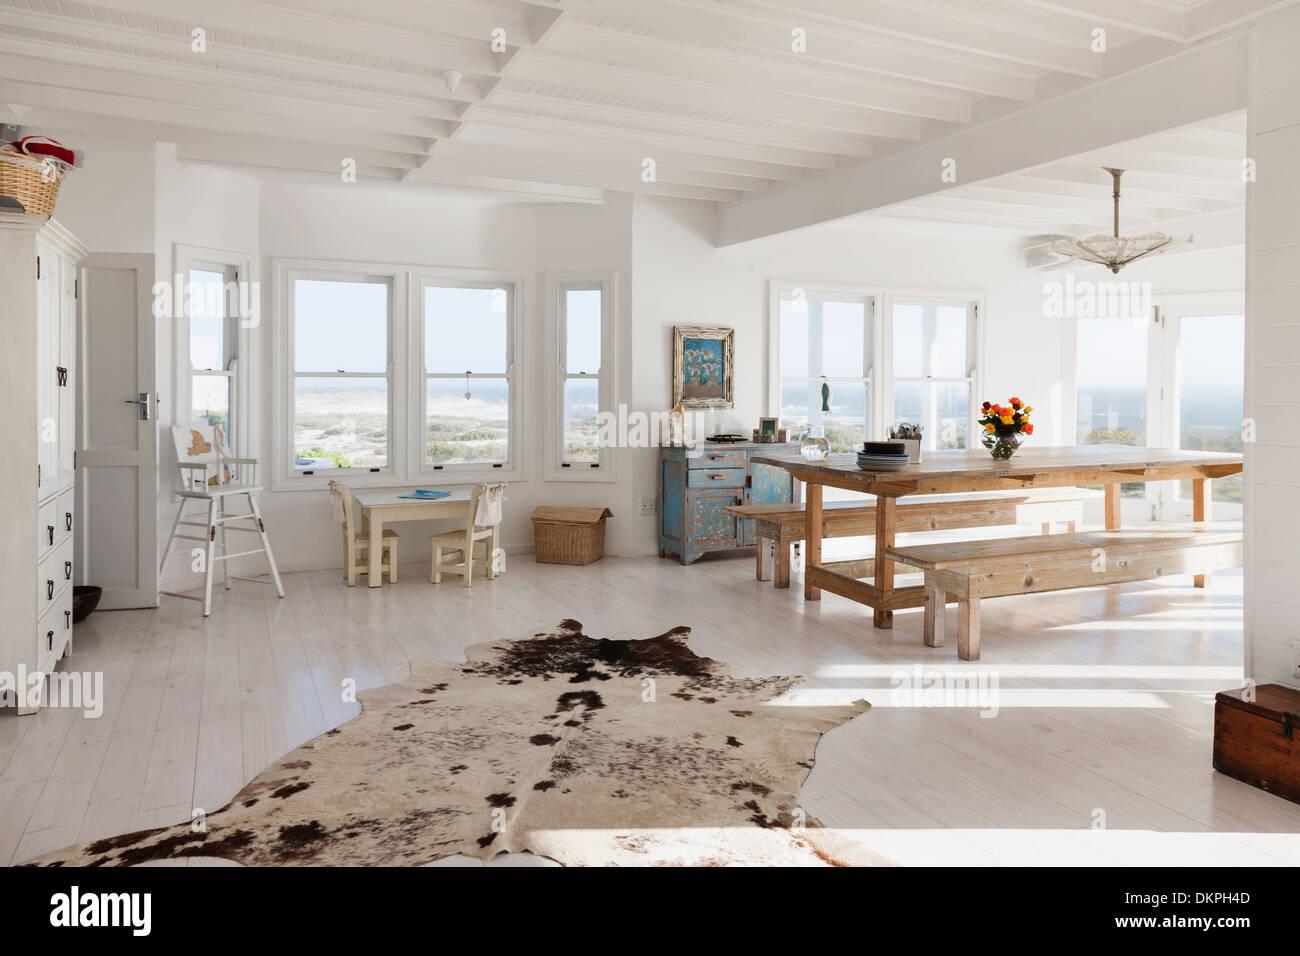 Animal skin rug in sunny dining room - Stock Image